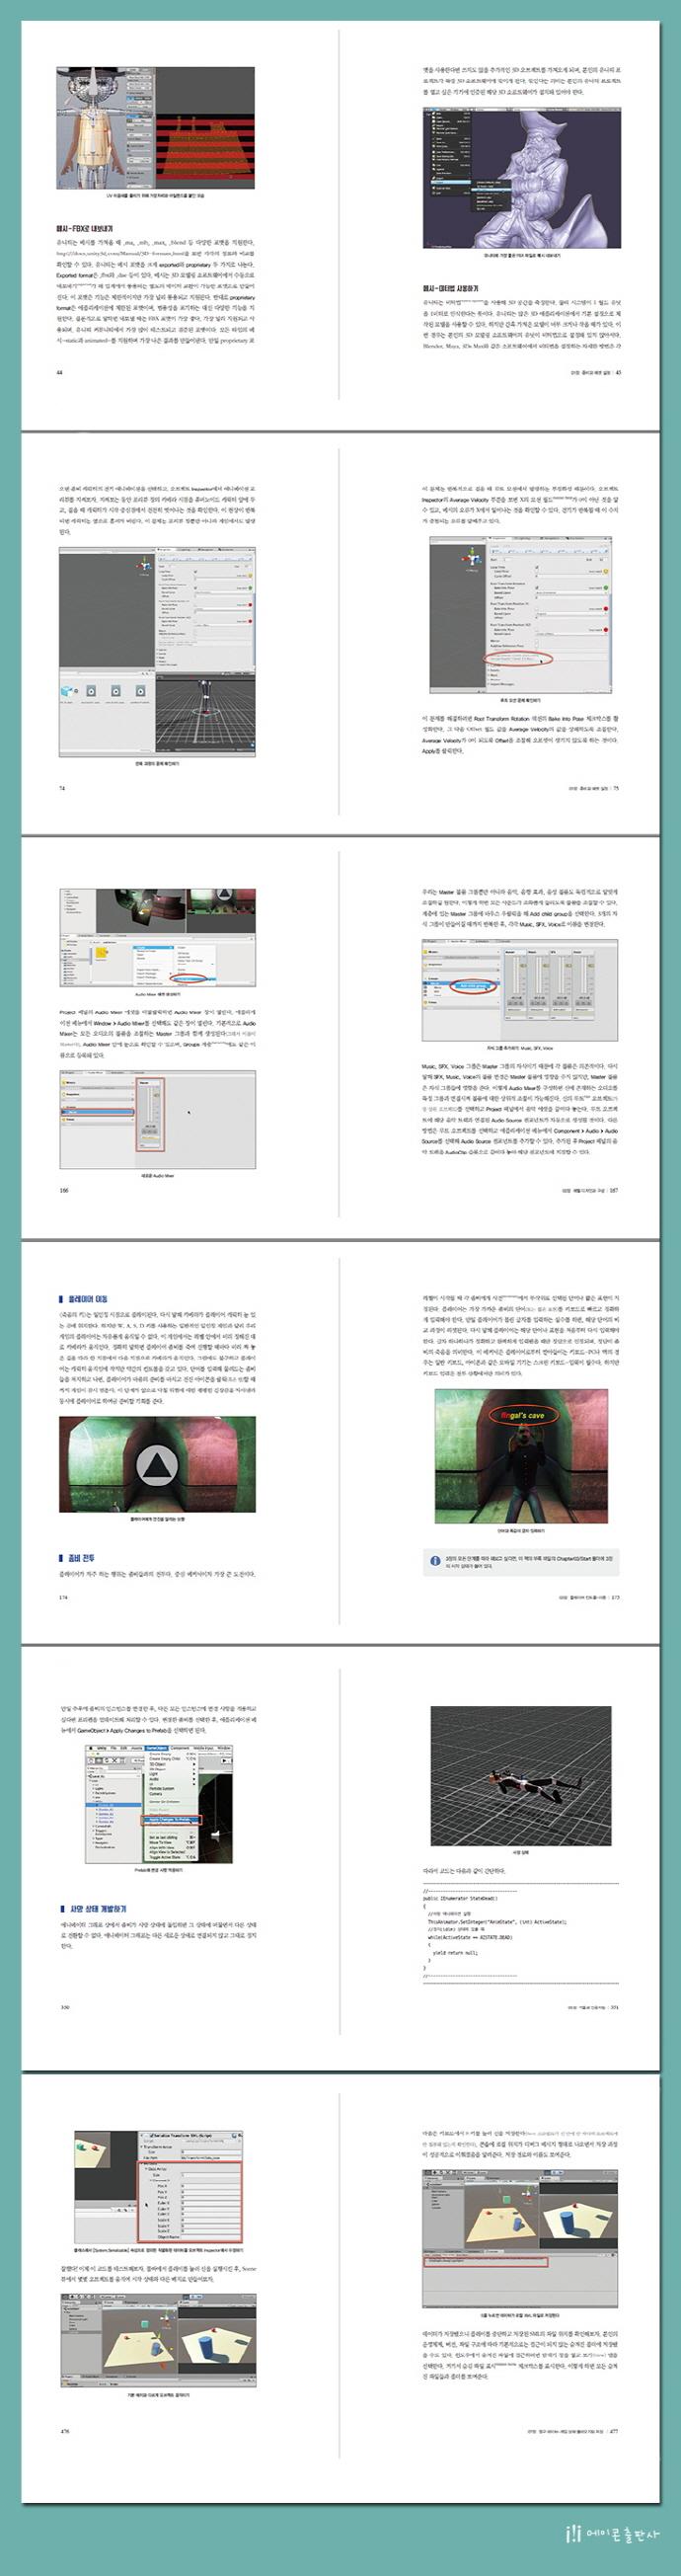 타이핑 슈팅 액션 게임 개발 with 유니티 2/e 도서 상세이미지